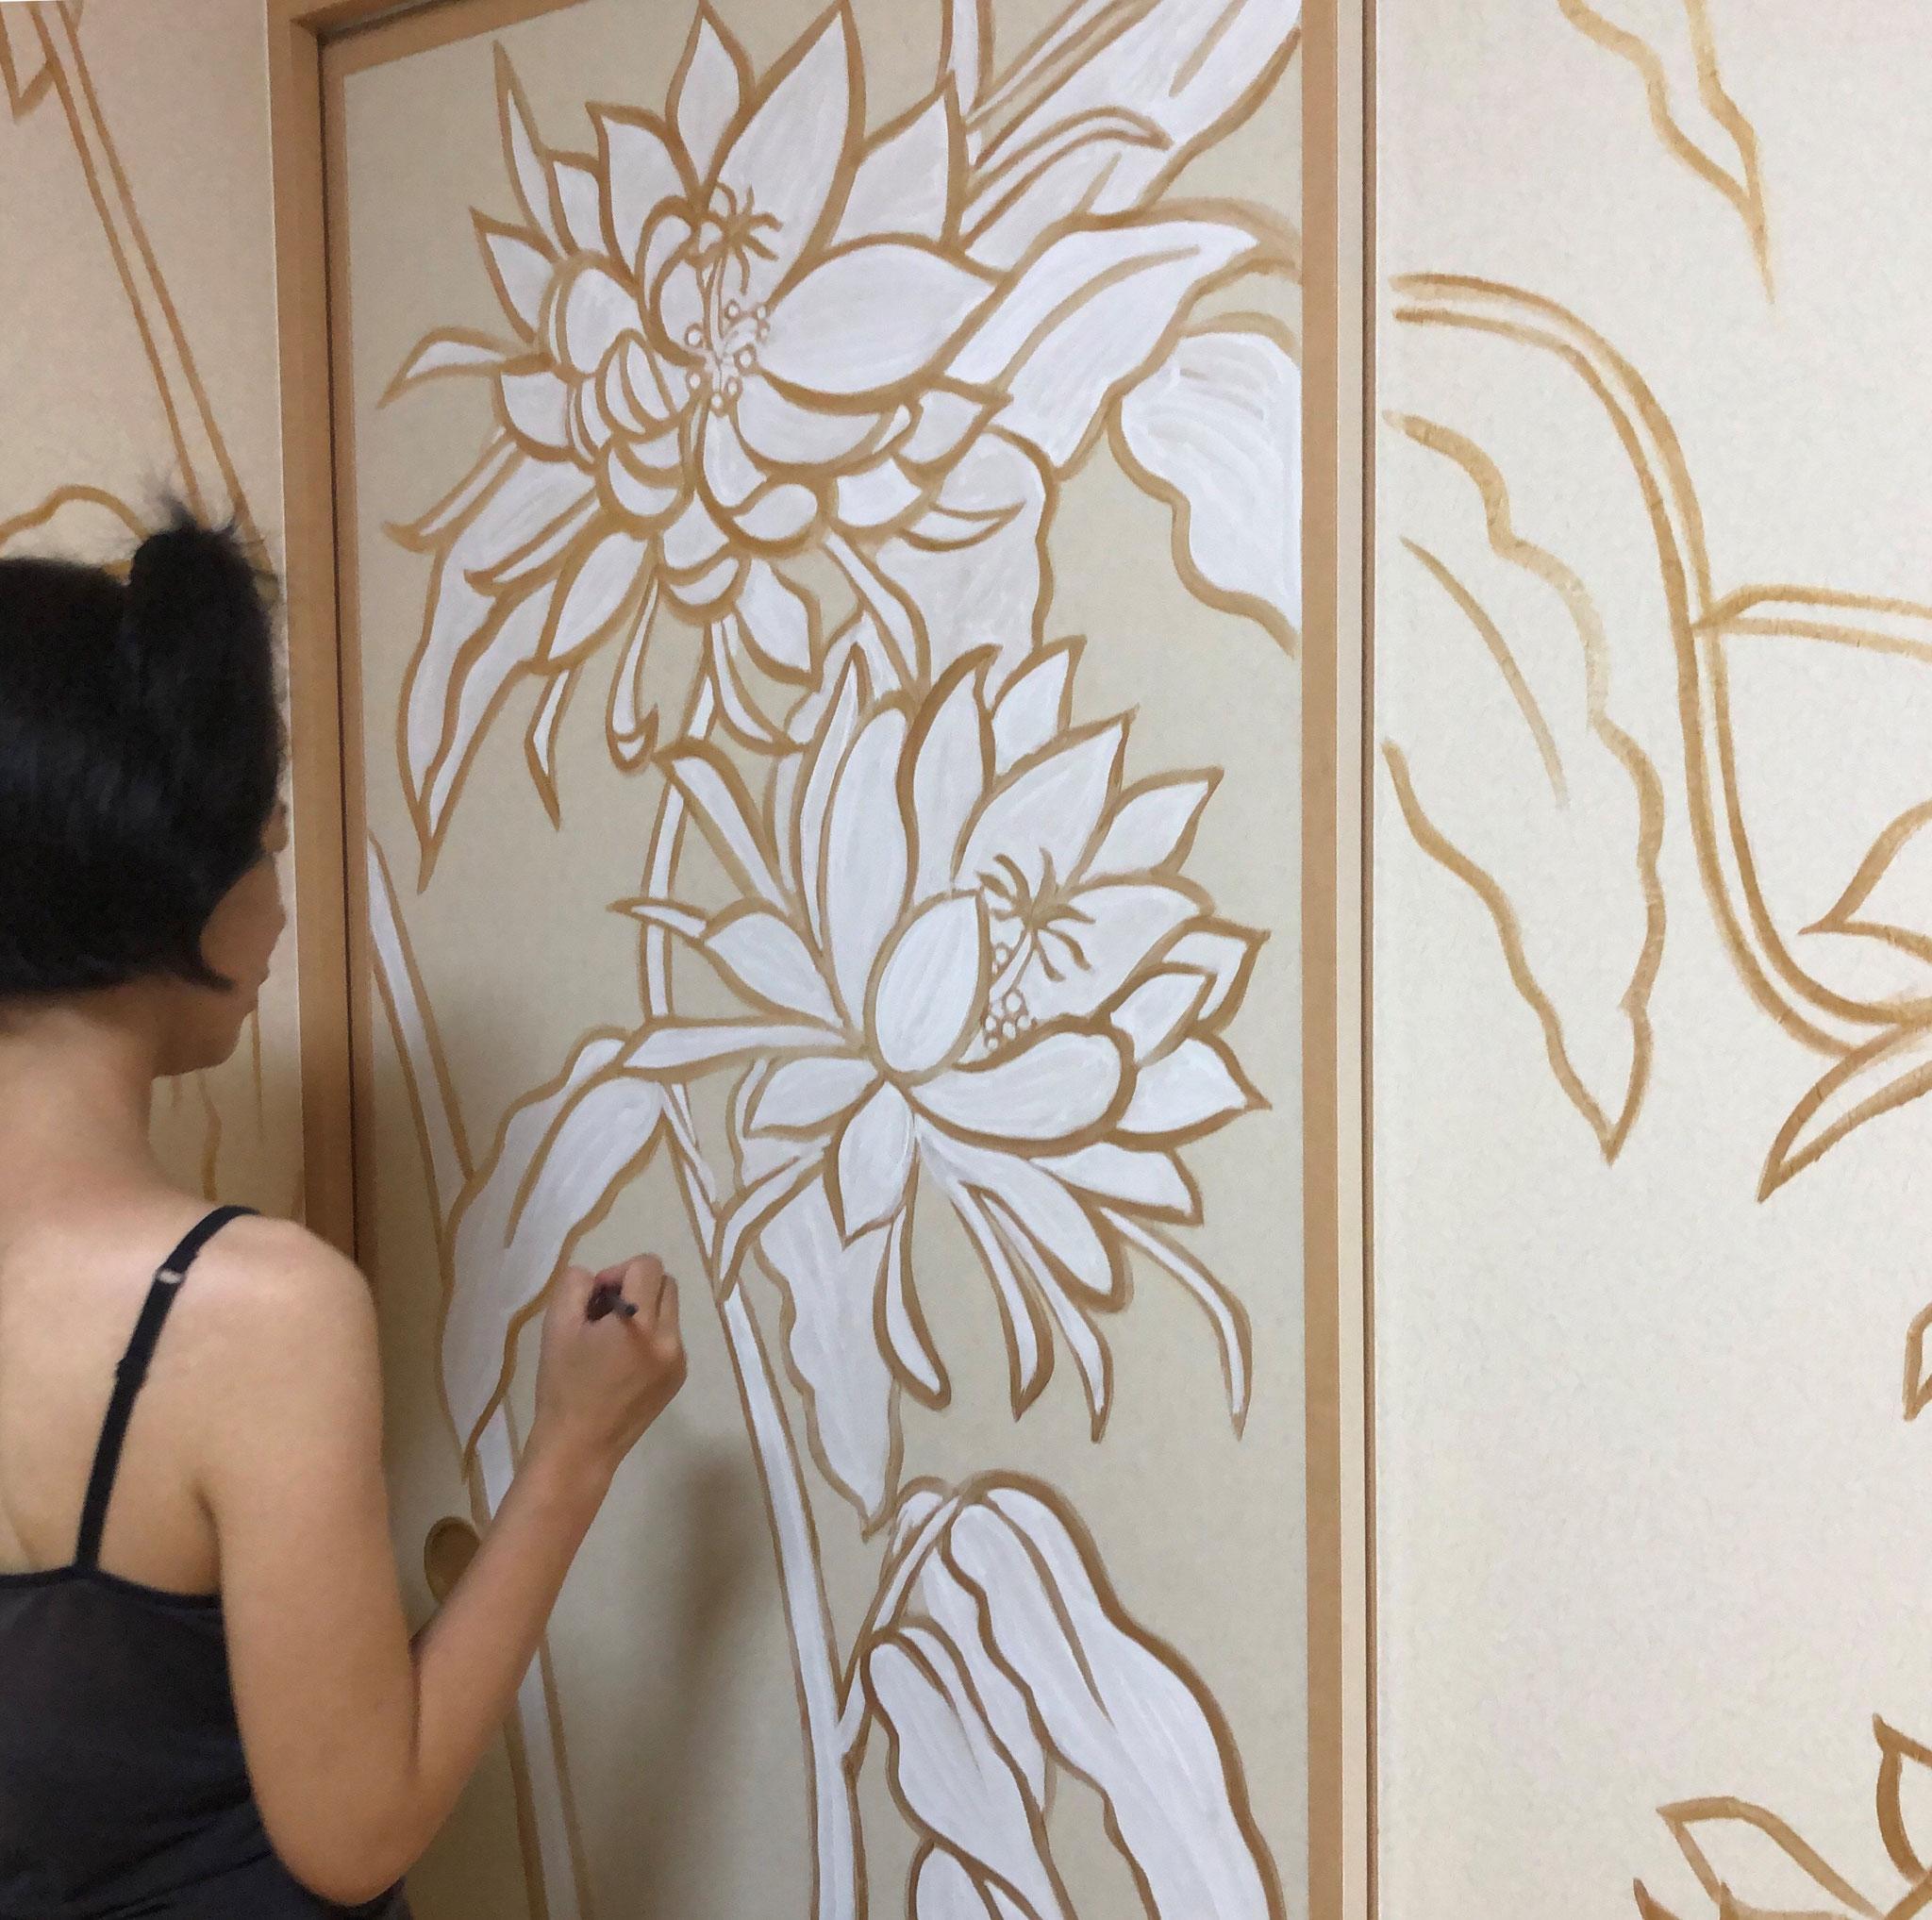 和室を華やかに壁画